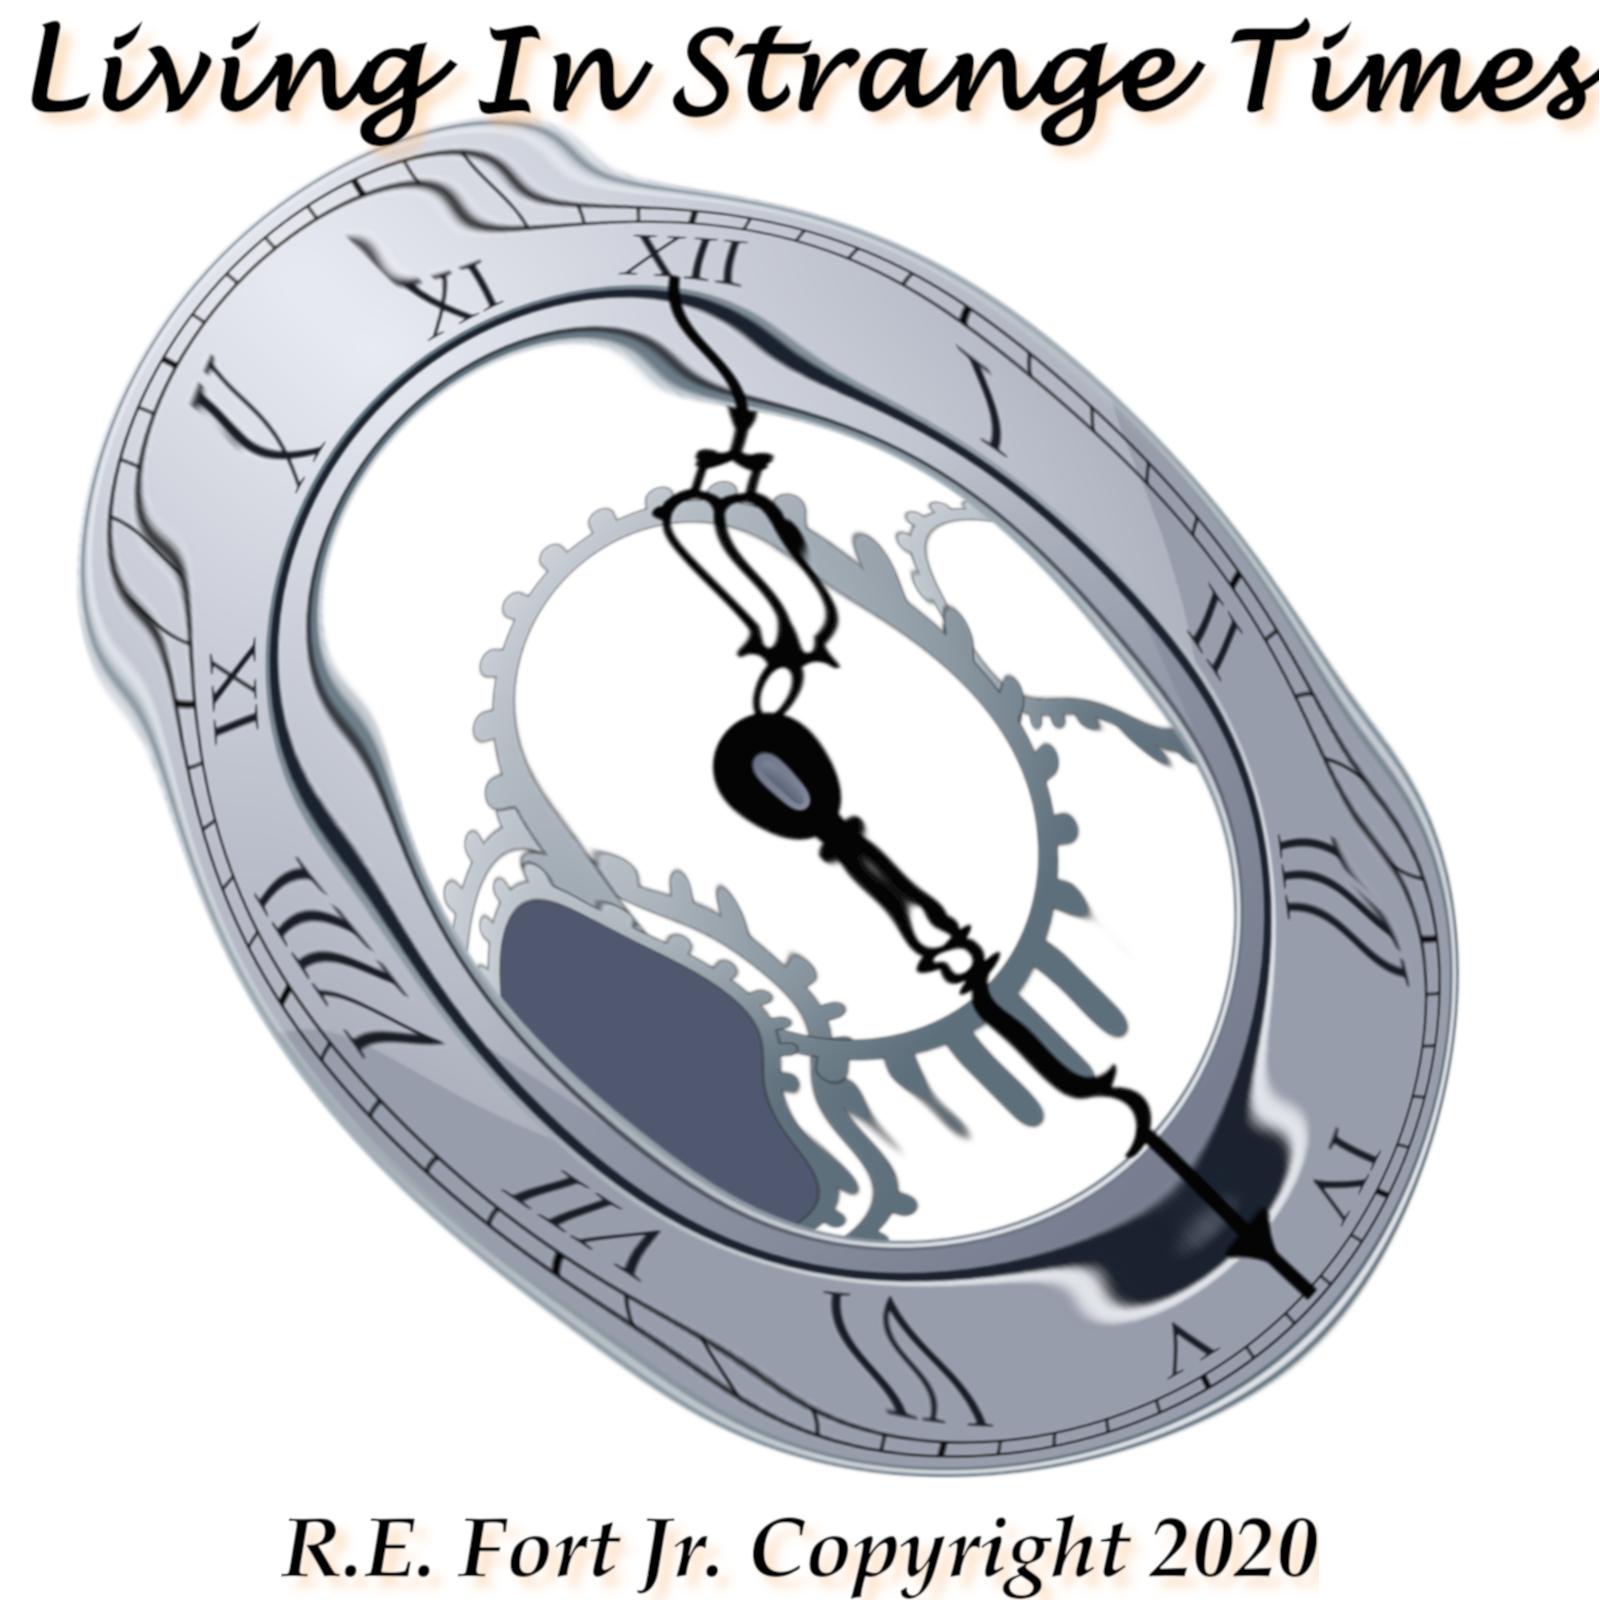 Living in Strange Times CD Artwork